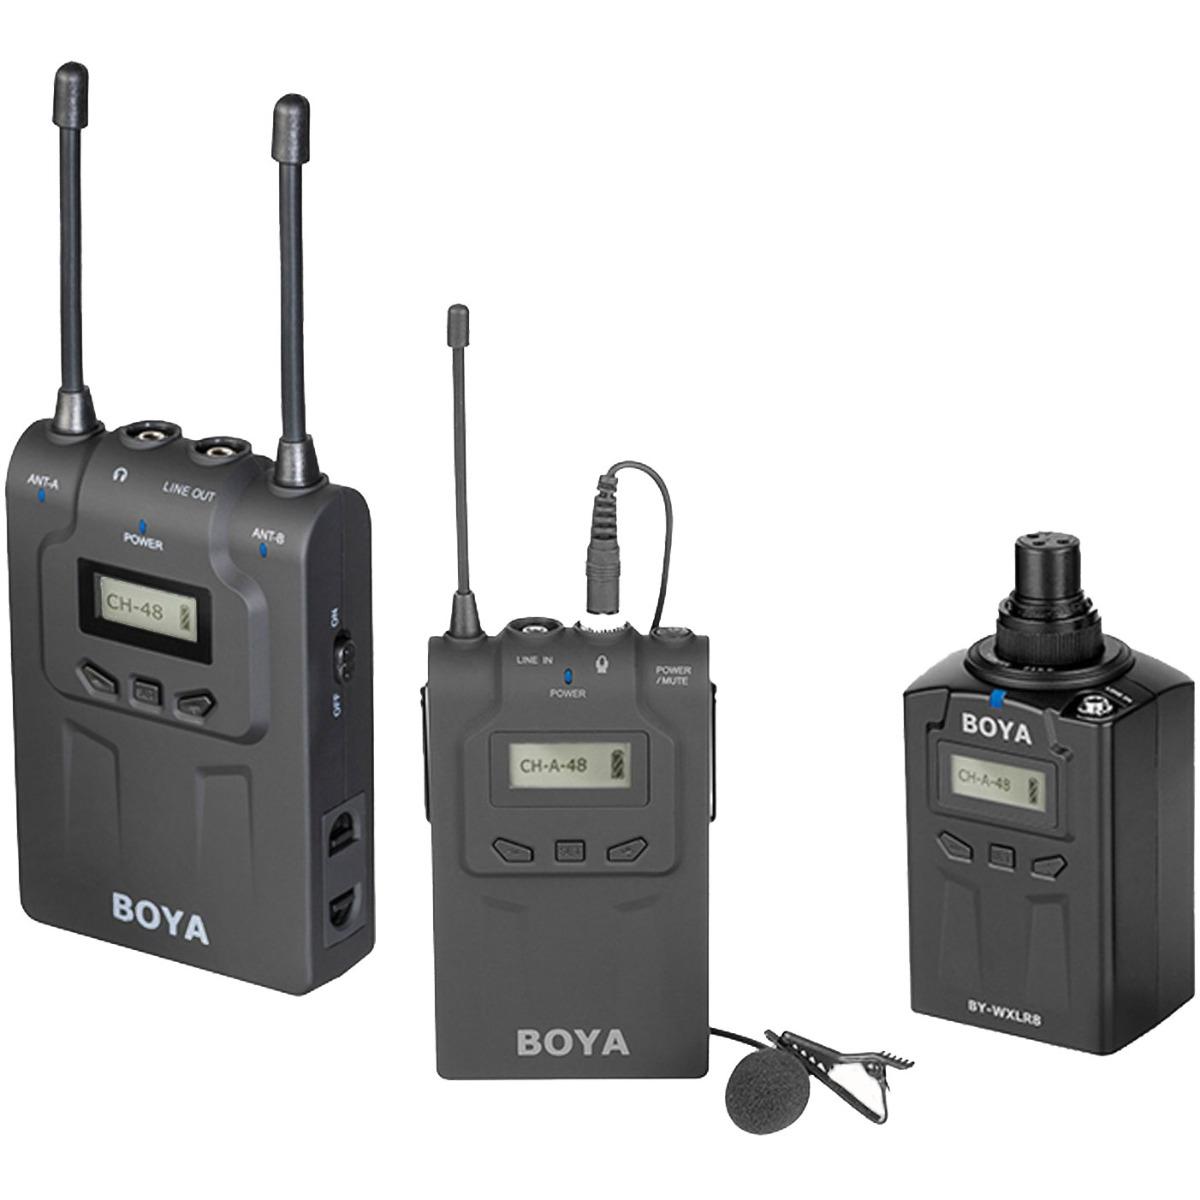 Billede af Boya BY-WM8-K6 trådløstsætmedklemme-mikrofonogXLR-sender